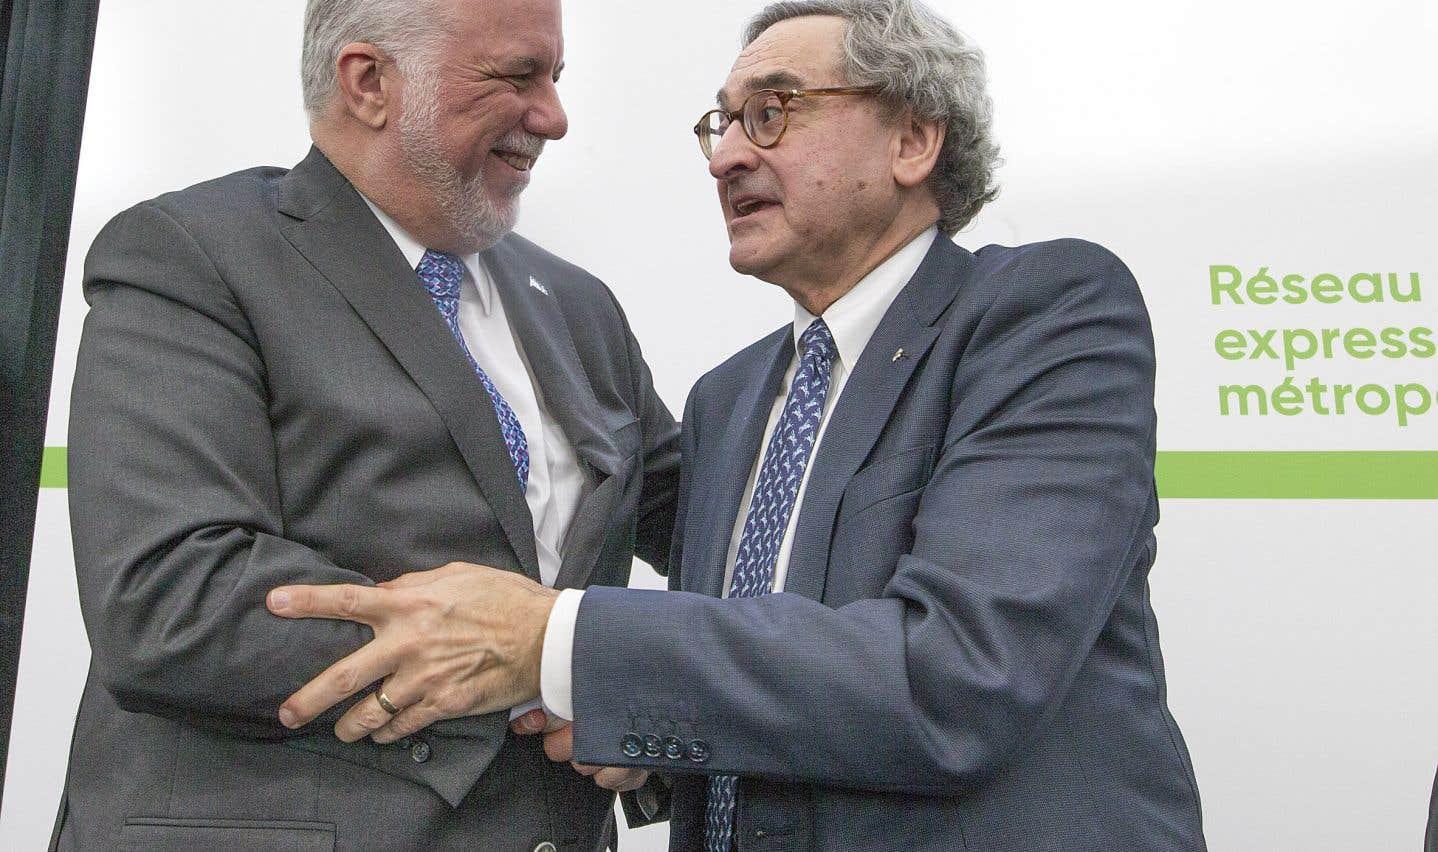 Le premier ministre Philippe Couillard et le président et chef de la direction de la Caisse de dépôt, Michael Sabia, jeudi. La nouvelle mouture du REM coûtera 6,3milliards de dollars, soit 300millions de plus que prévu.